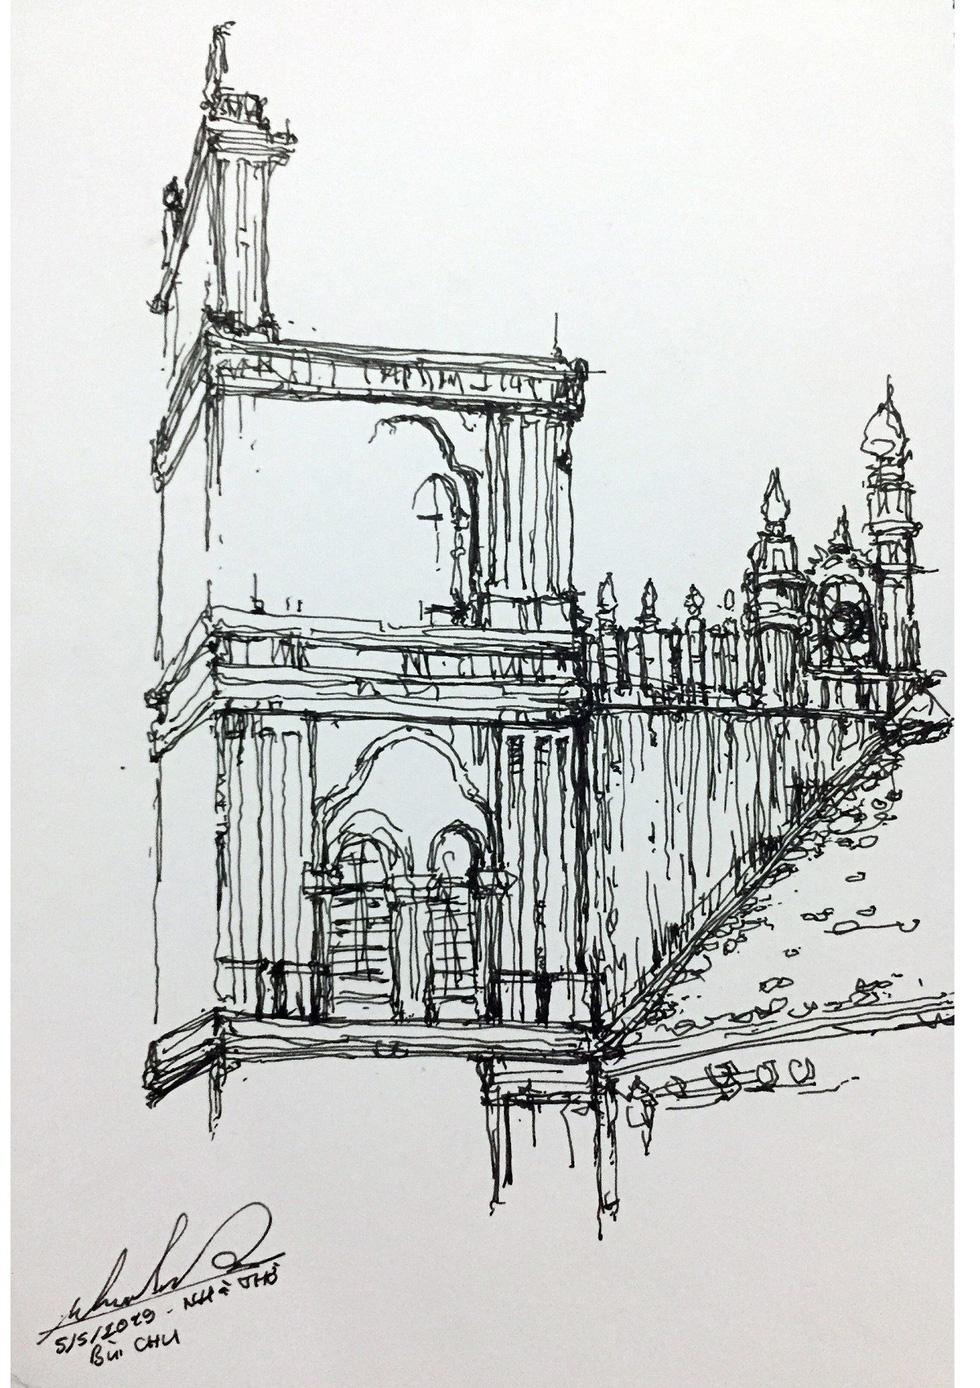 Giáo dân Bùi Chu phát hiện nhà thờ của mình lộng lẫy trên... ký họa - Ảnh 11.